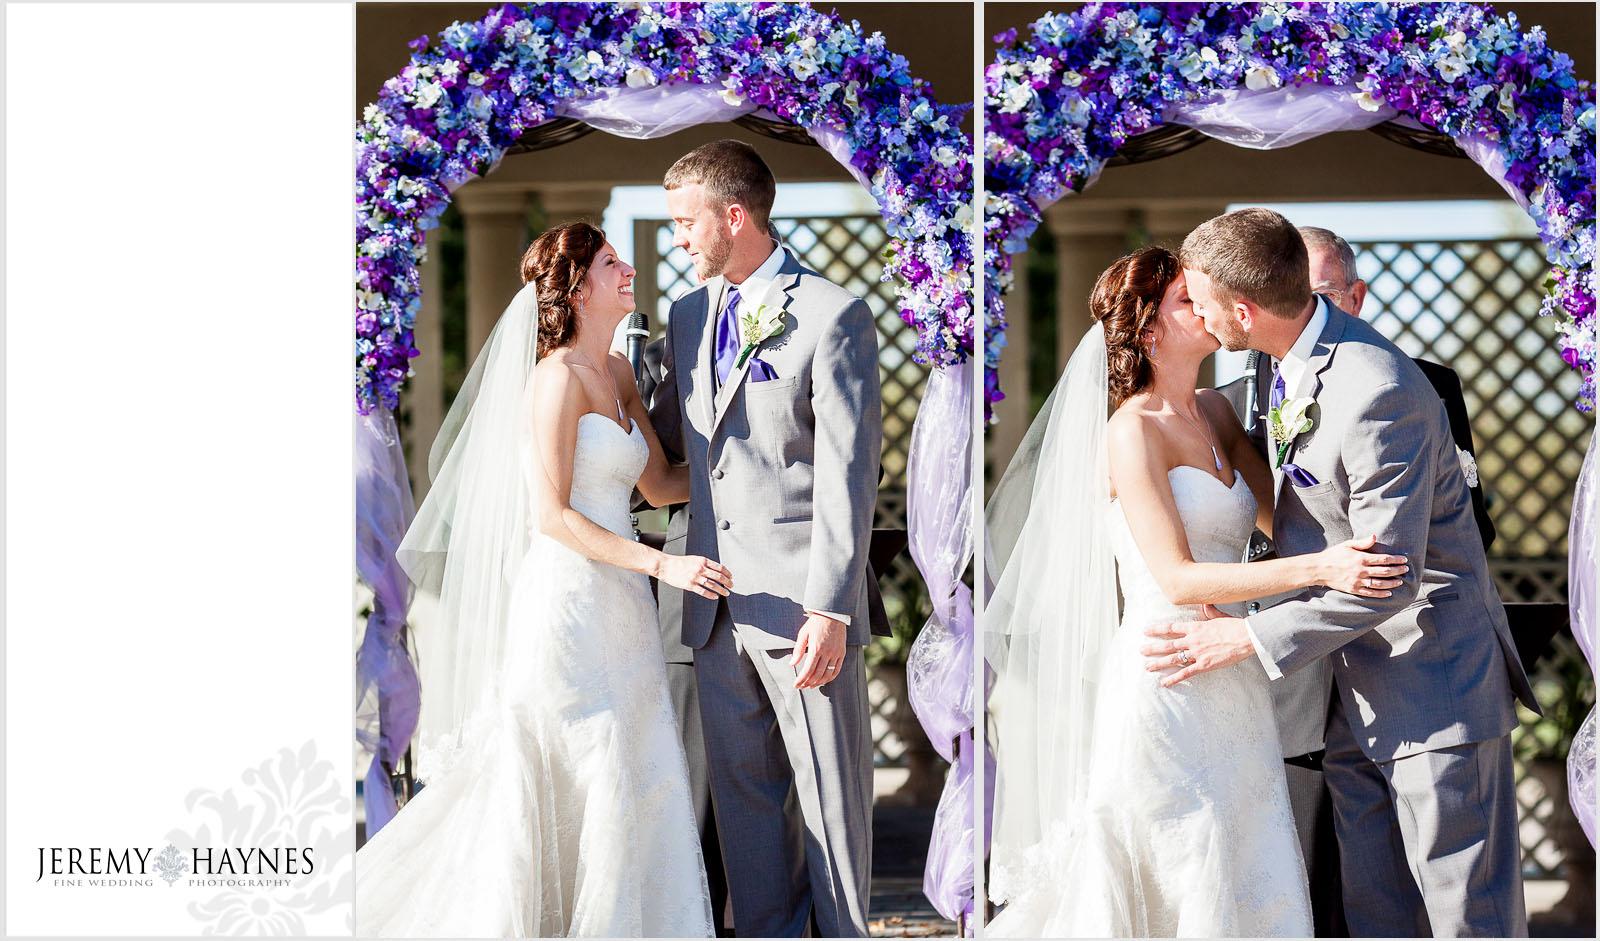 29-Community-Life-Center-Indianapolis-Wedding-Photography.jpg